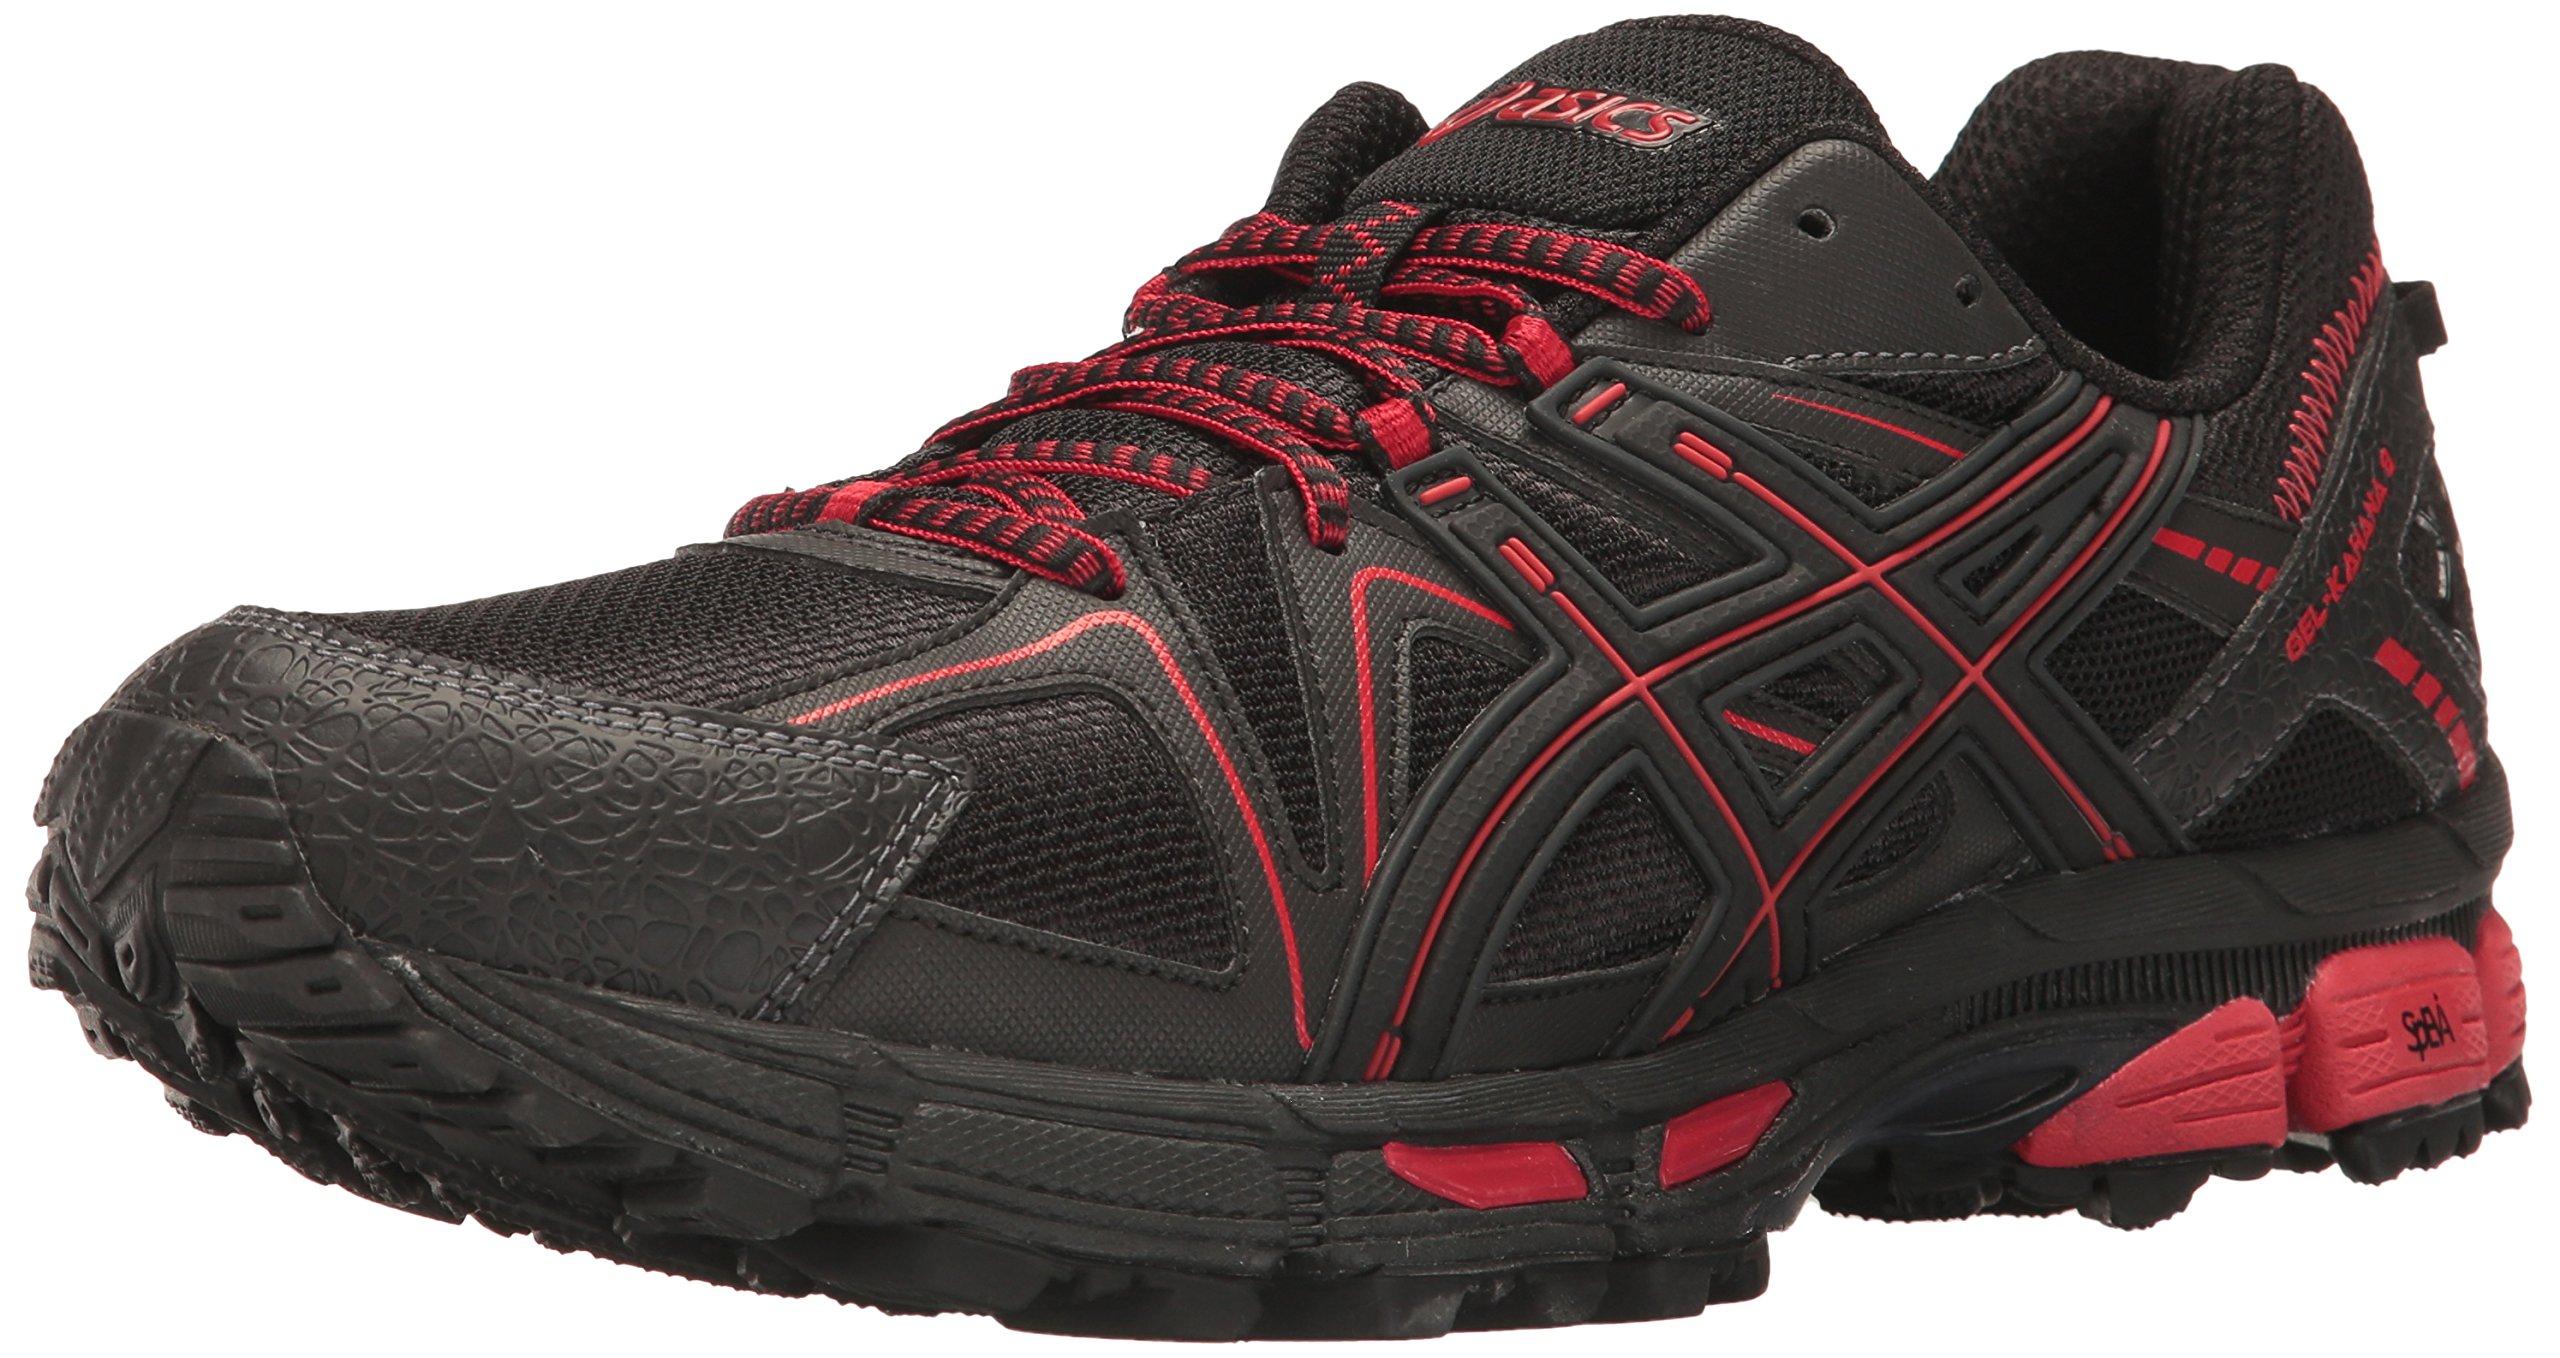 ASICS Men's Gel-Kahana 8 Running Shoe, Black/Classic Red/Phantom, 10 Medium US by ASICS